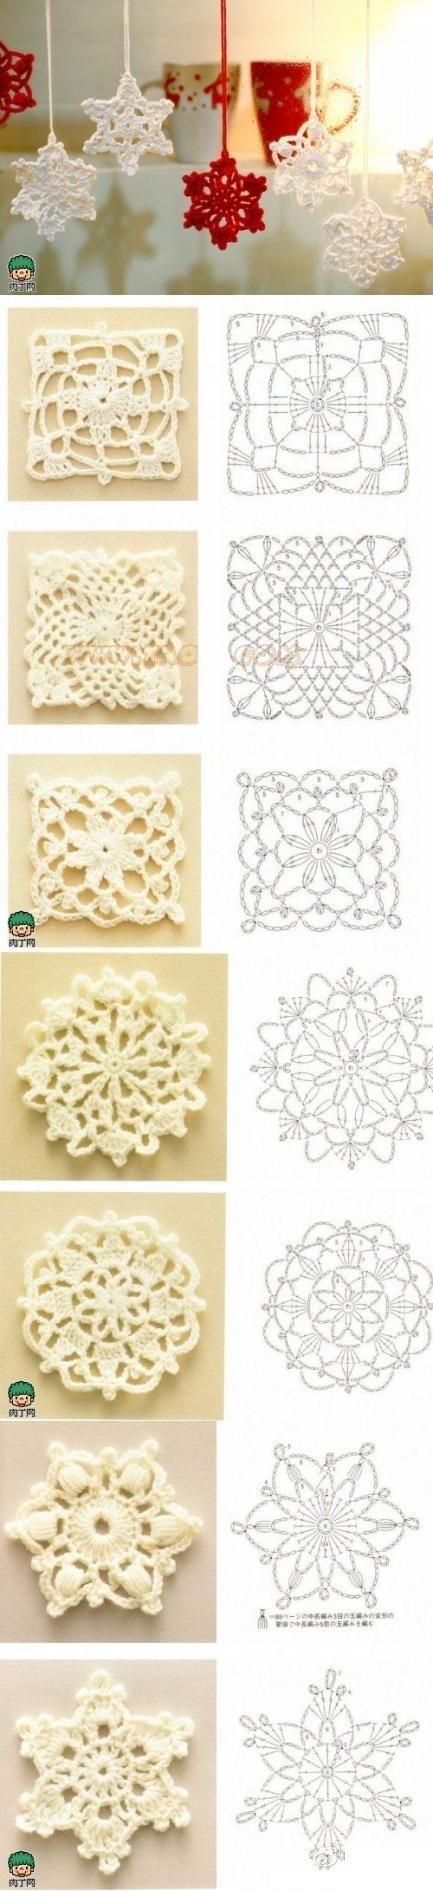 como-hacer-copos-de-nieve-tejidos-con-patrones.jpeg (433×1891)